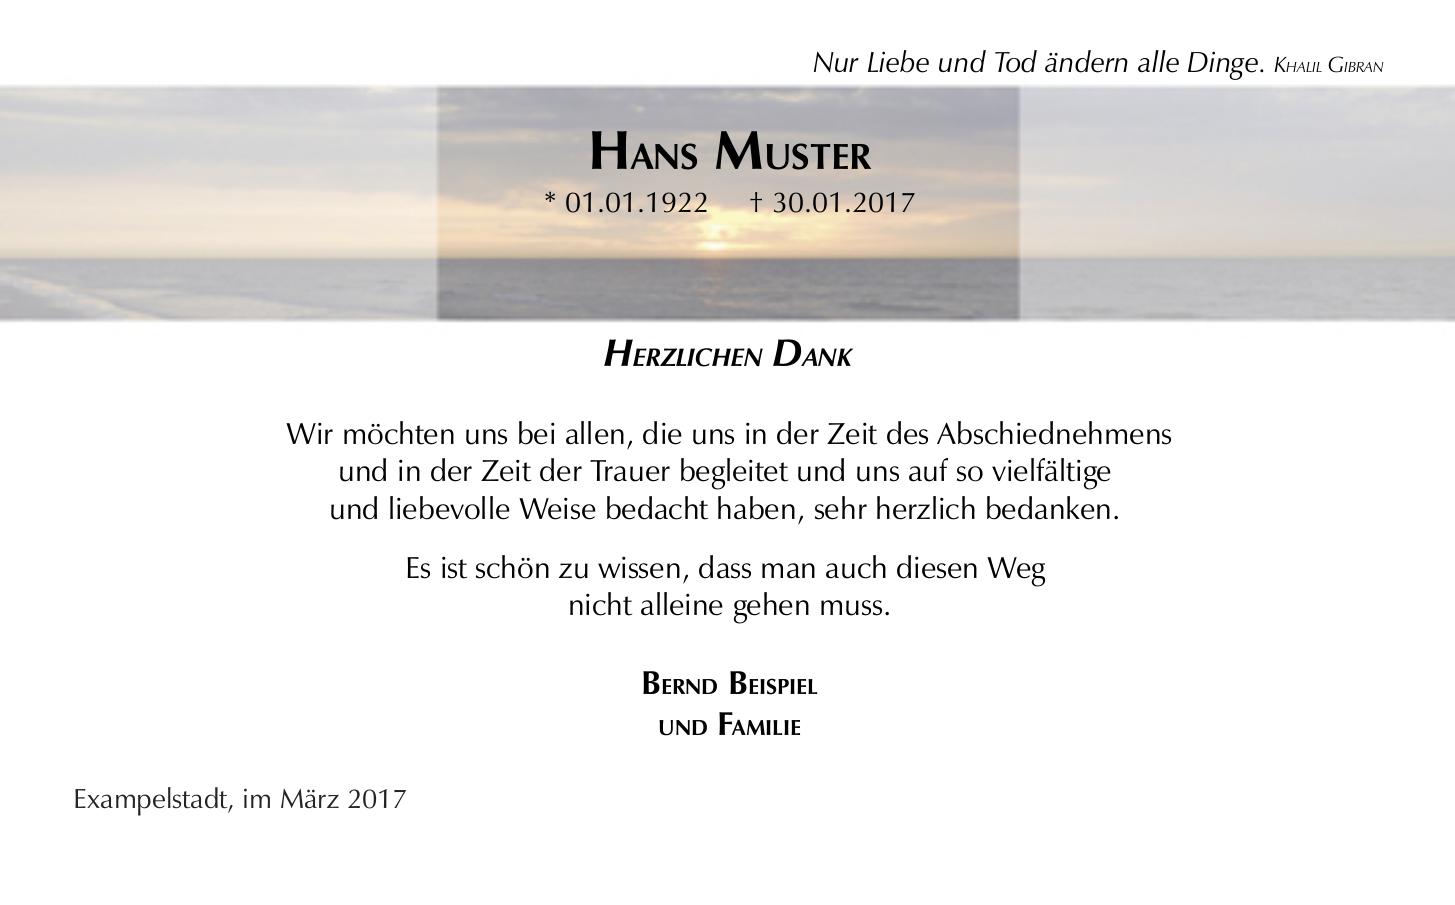 Schone Moderne Danksagungskarte Zur Trauer Motiv Meer Trauer Danksagungen Trauer Danke Sagen